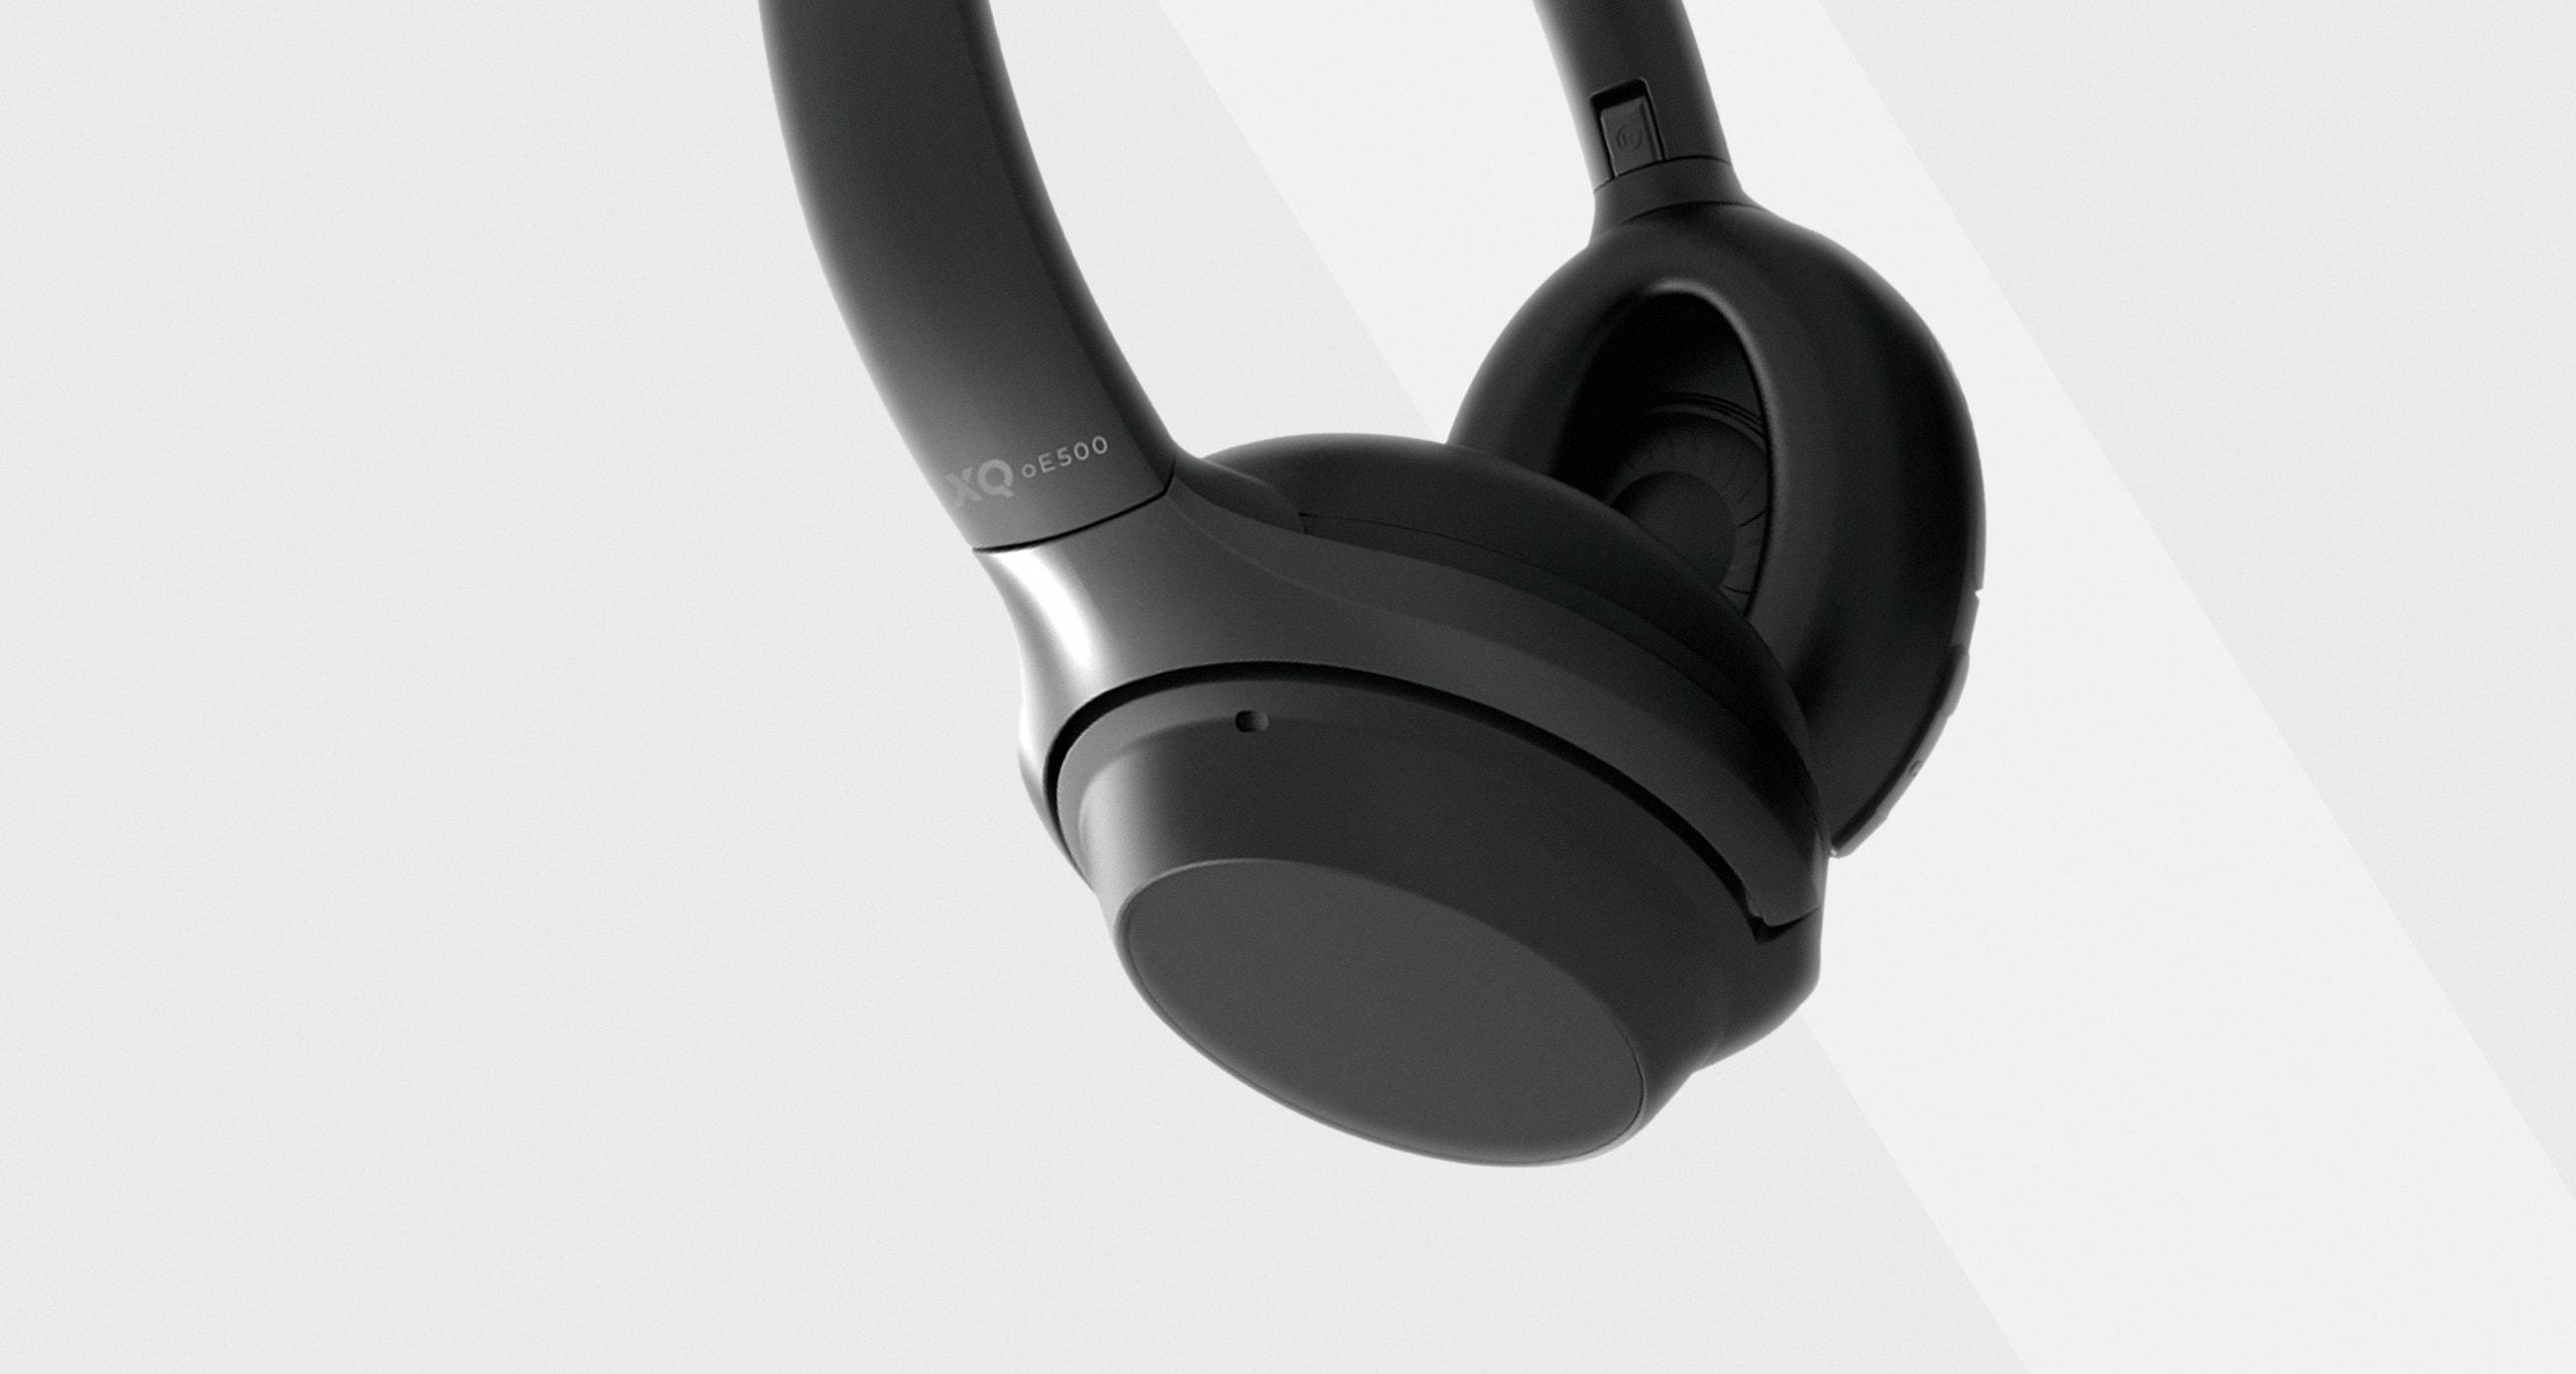 Xqisit Headphones | Q+H London